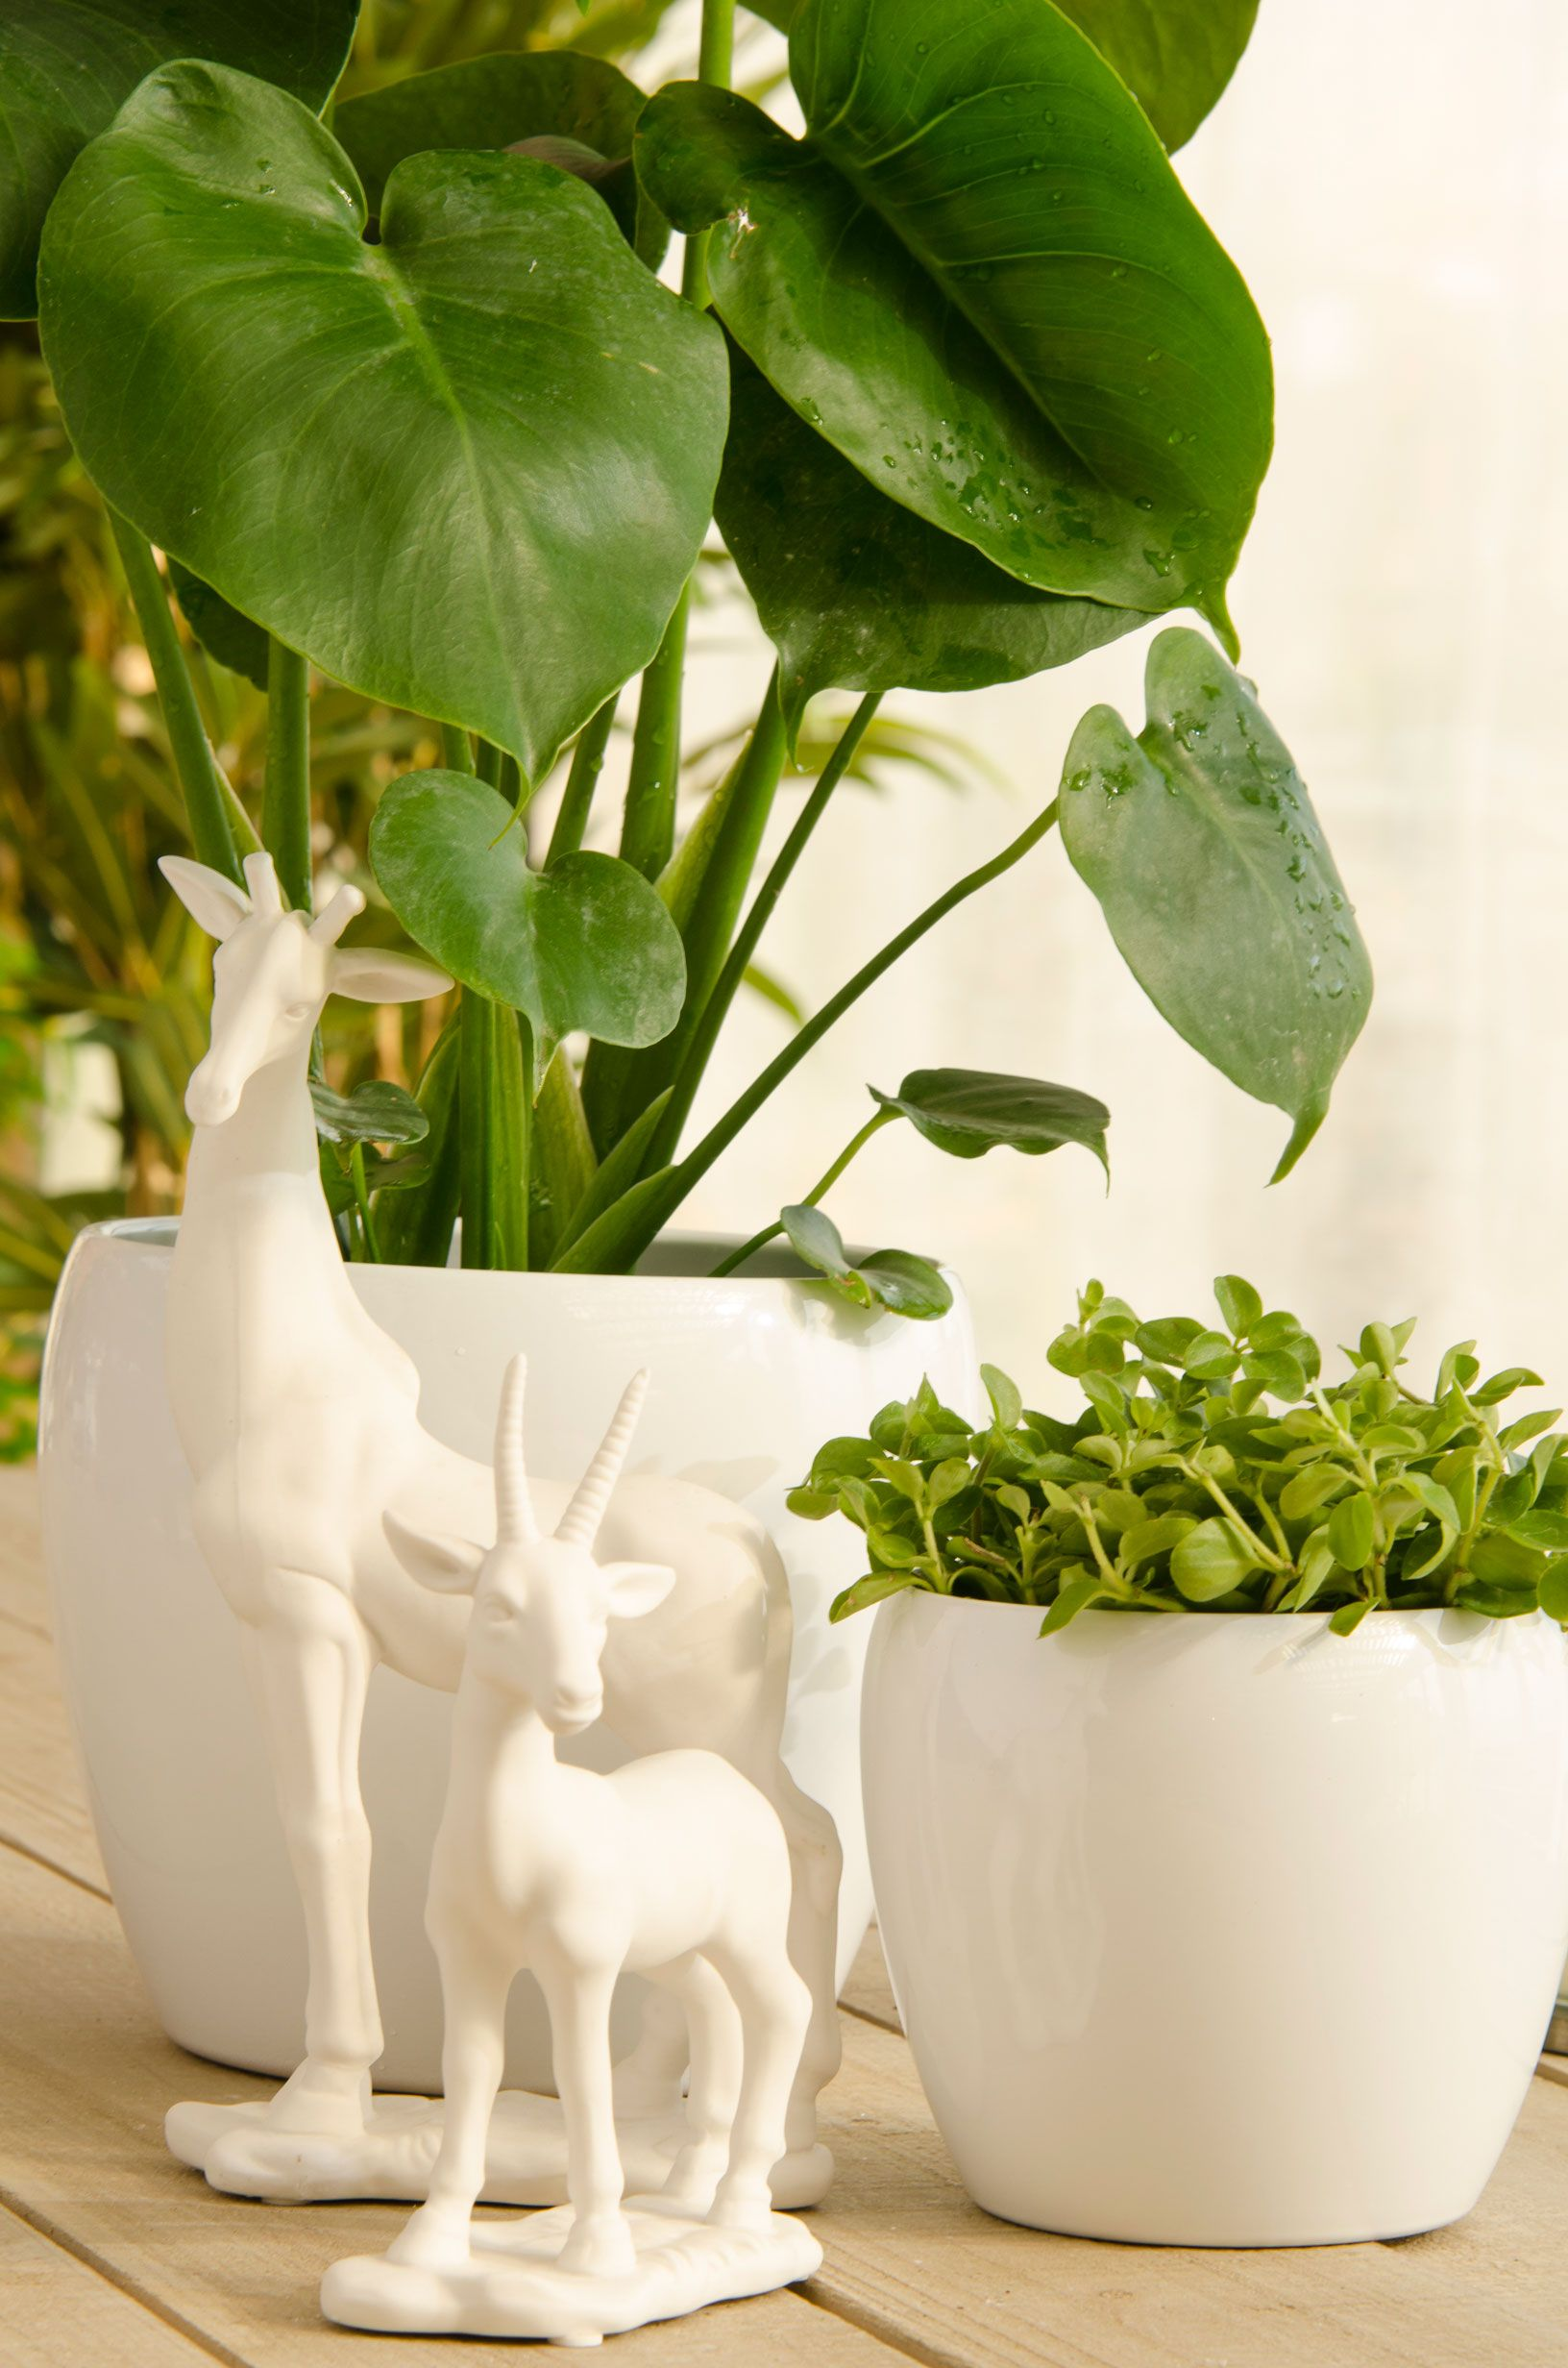 Pin de verdecora en macetas pinterest macetas jardiner a y accesorios - Verdecora macetas ...